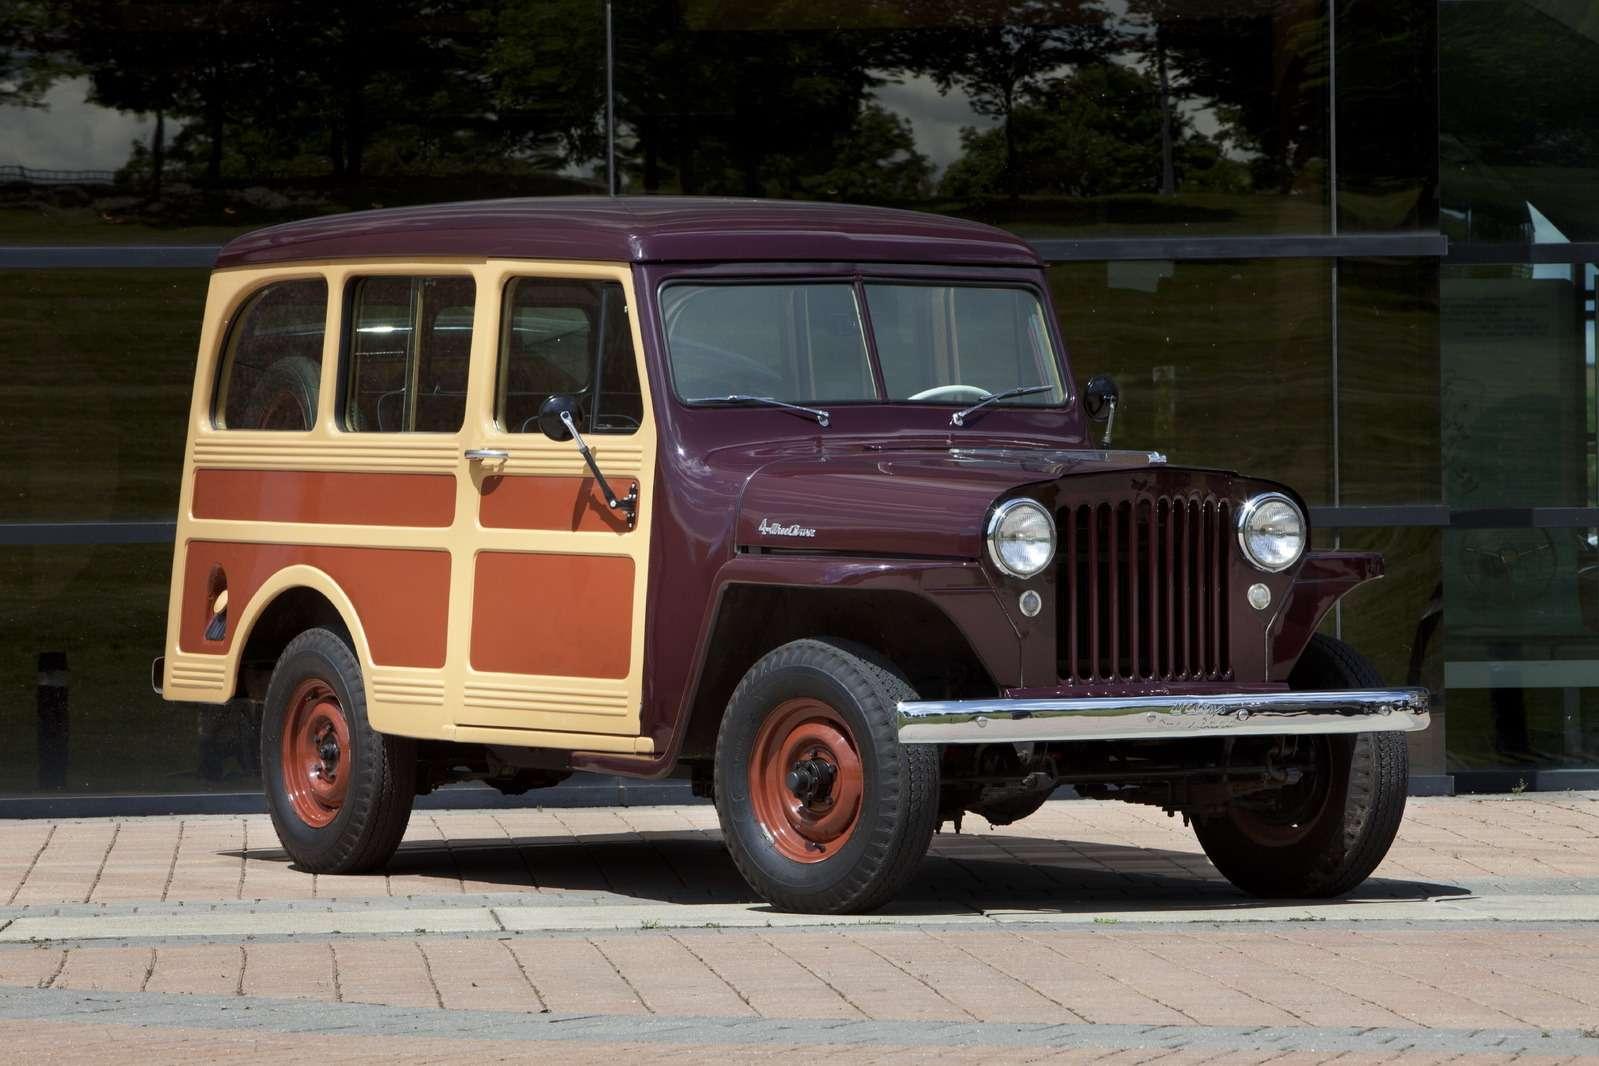 Полноприводную версию Willys Jeep Station Wagon начали выпускать с1949 года. До1948 года автомобиль оснащался четырехцилиндровым нижнеклапанным 2,2-литровым двигателем L-134 Go-Devil мощностью 60л.с. при 4000 об/мин., затем— шестицилиндровым 2,4-литровым L-148 Lightning мощностью 70л.с.. В1950 году появился усовершенствованный четырехцилиндровый 75-сильный F-134 Hurricane, имевший верхние впускные инижние выпускные клапаны.